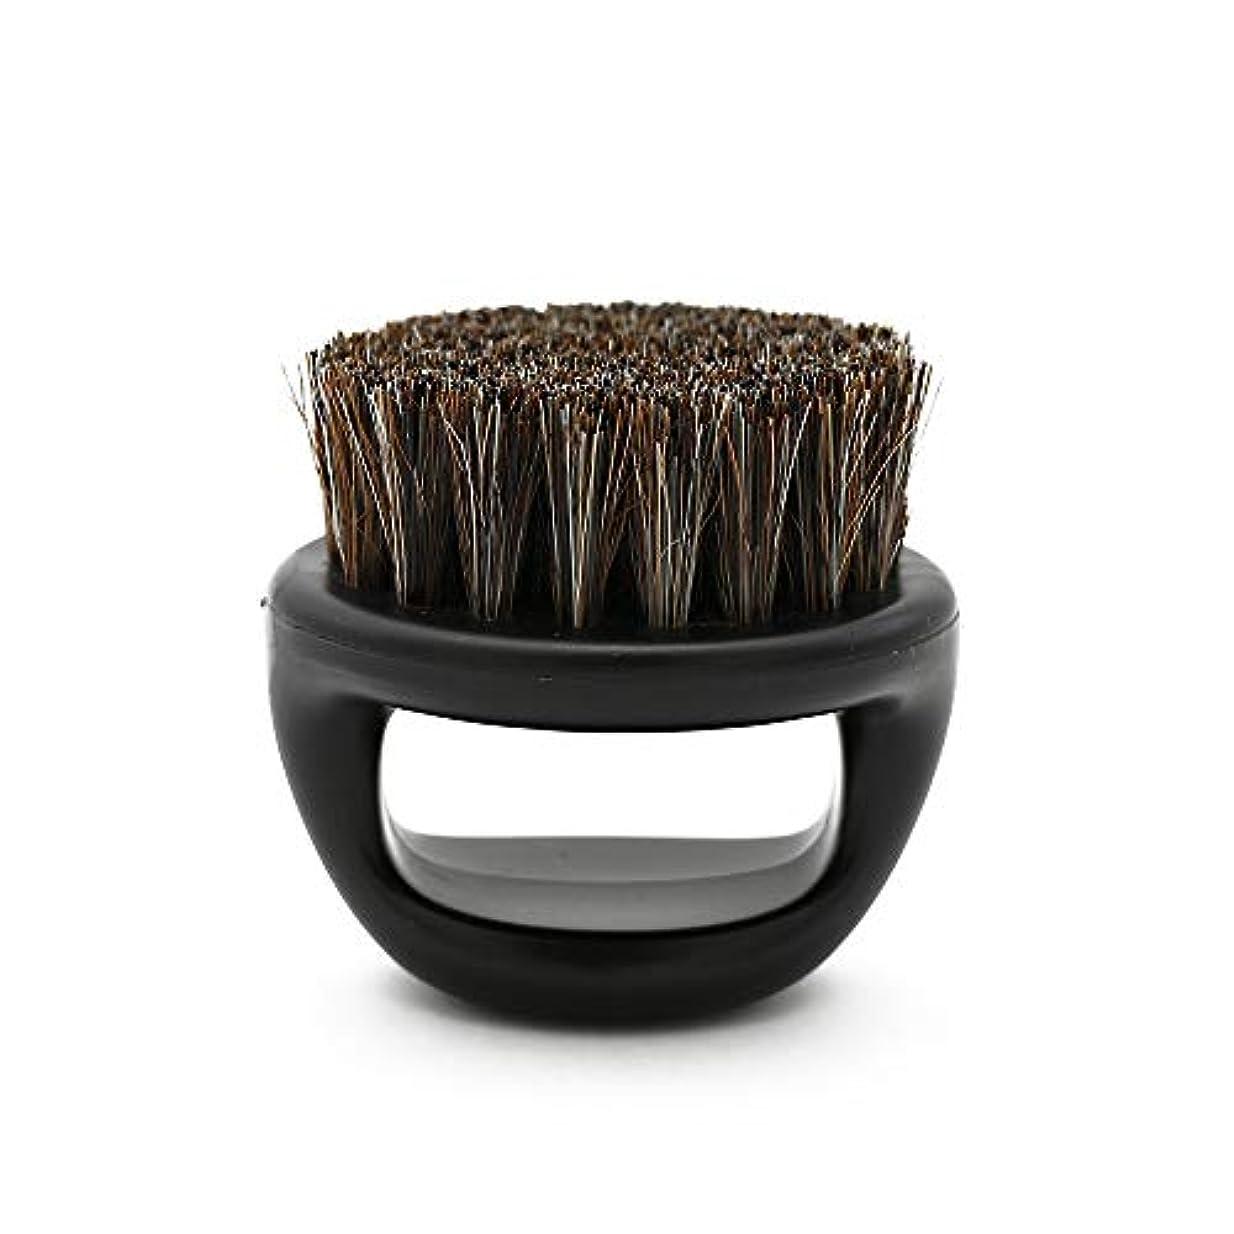 事実一目彼らTOOGOO 1個リングデザイン馬毛メンズシェービングブラシプラスチック製の可搬式理容ひげブラシサロンフェイスクリーニングかみそりブラシ(ブラック)